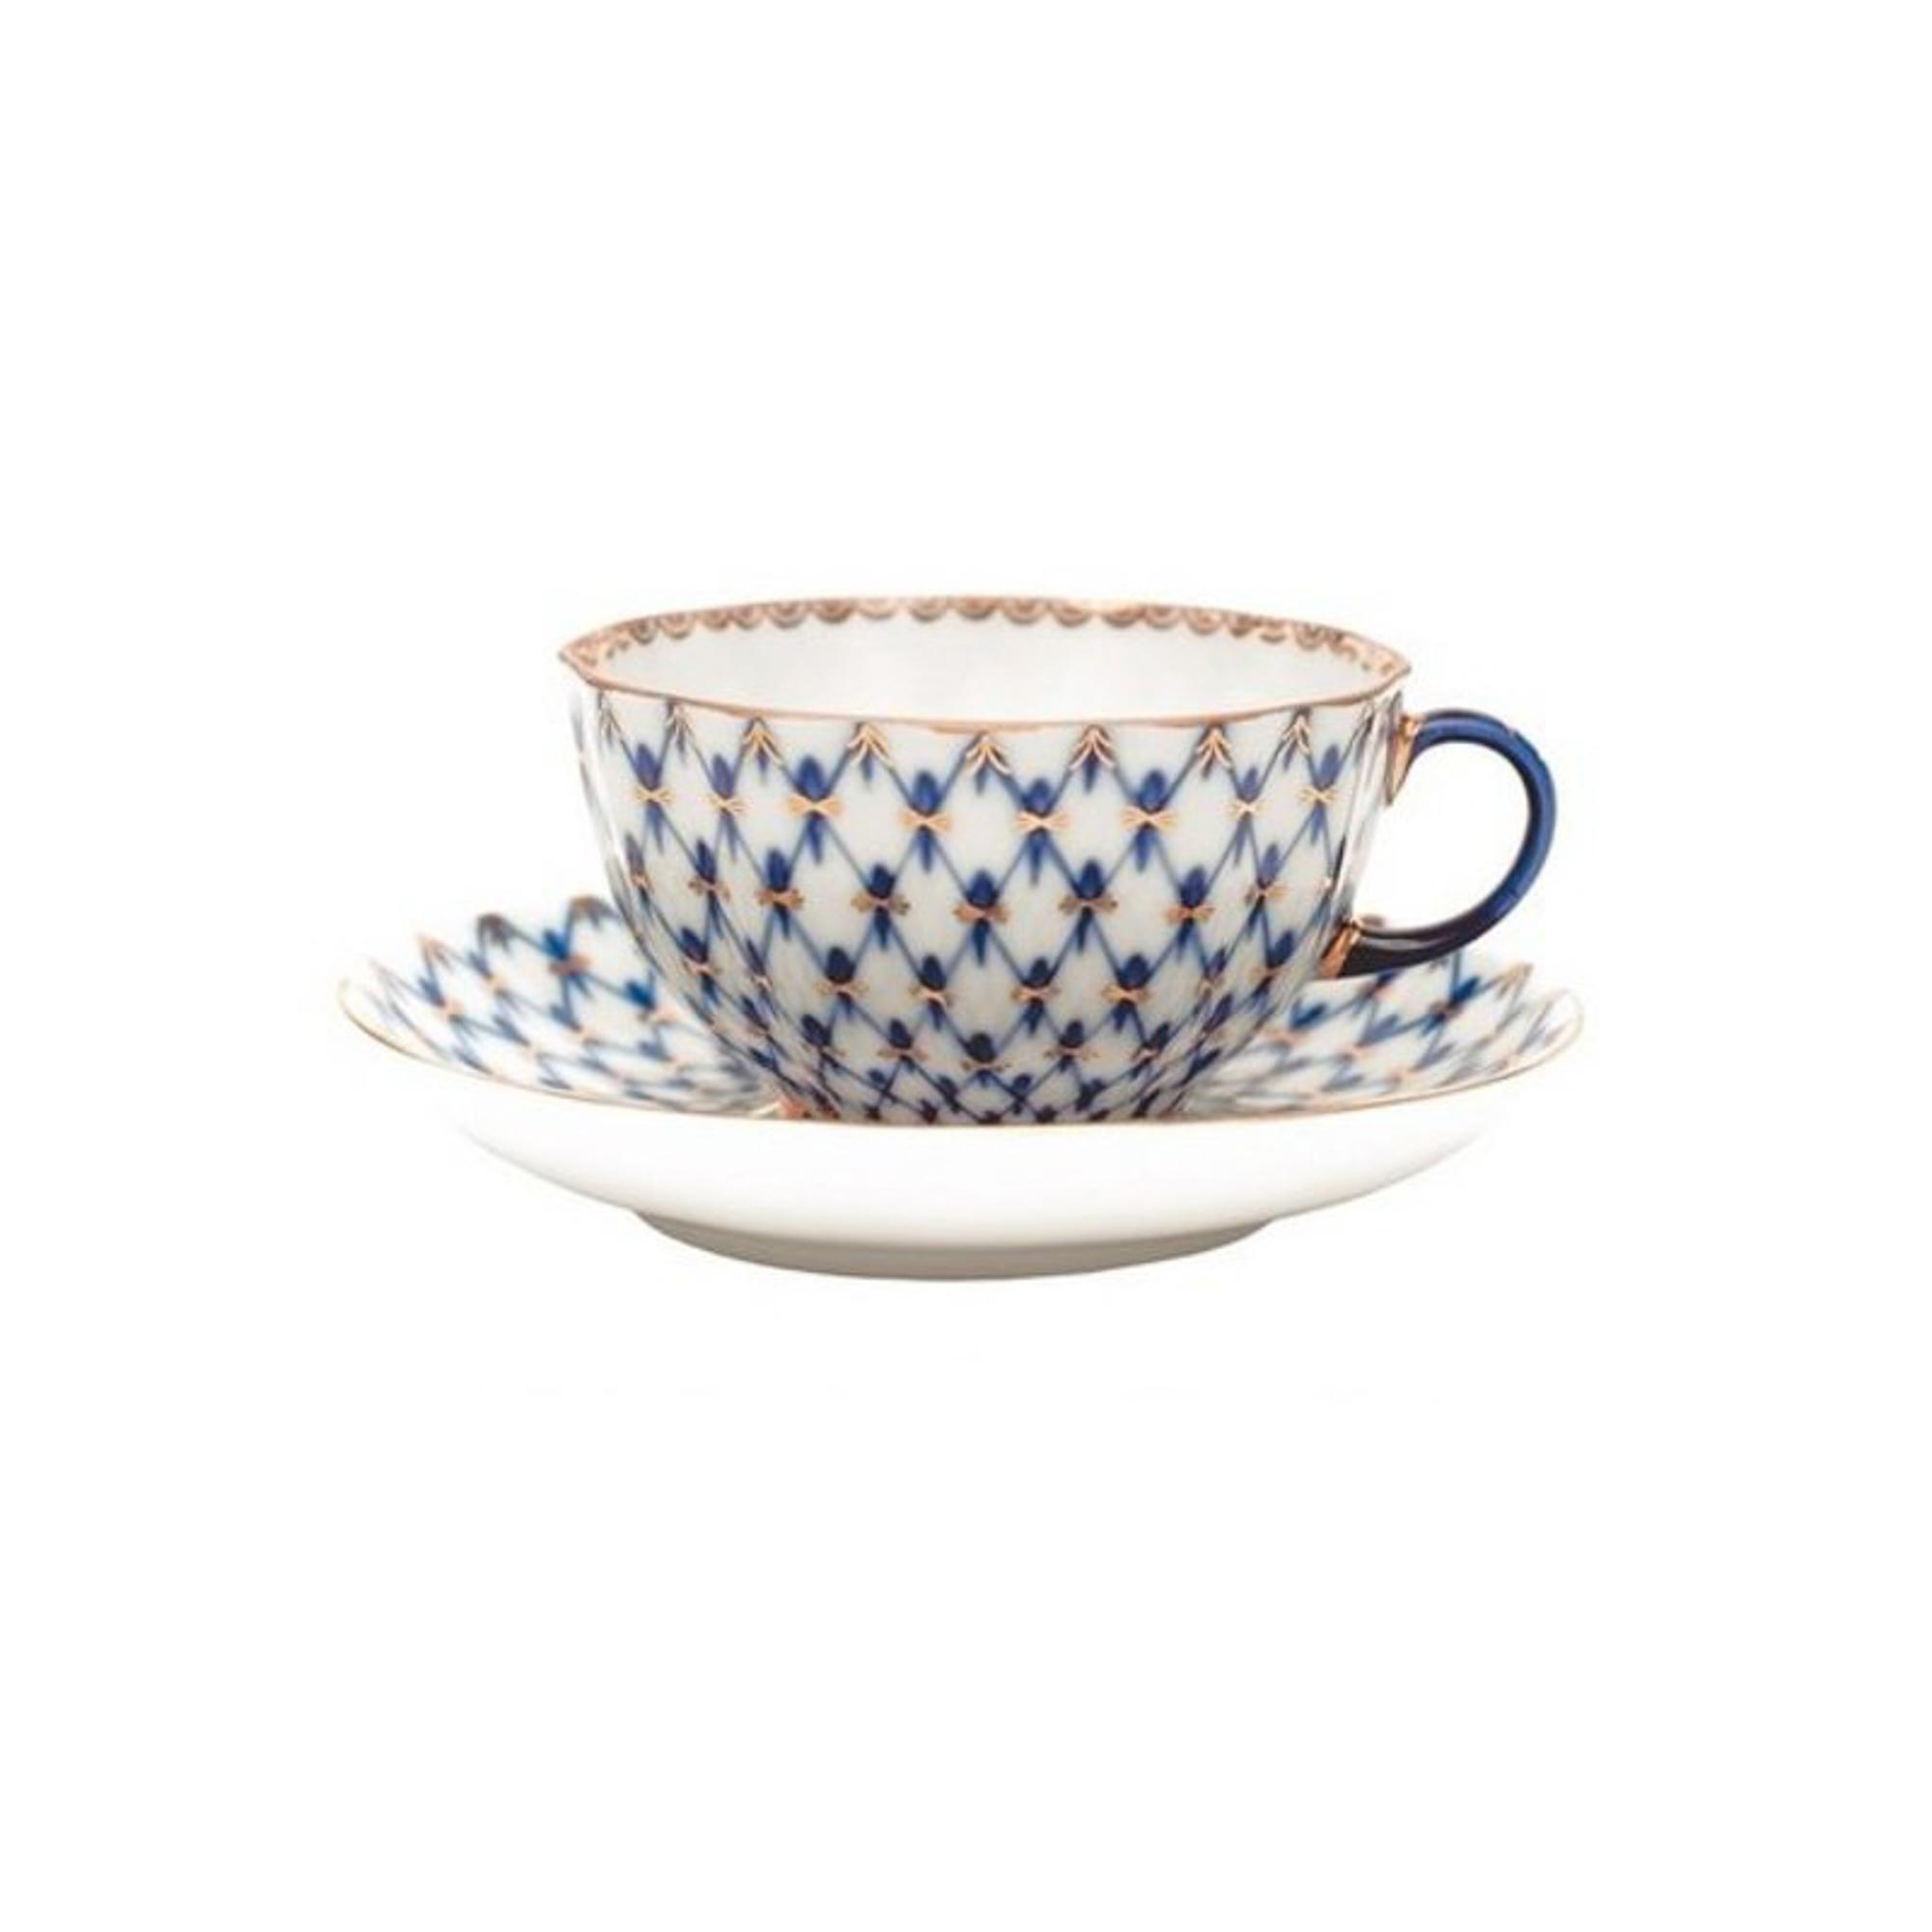 Чашка с блюдцем чайная тюльпан кобальтовая сетка Ифз